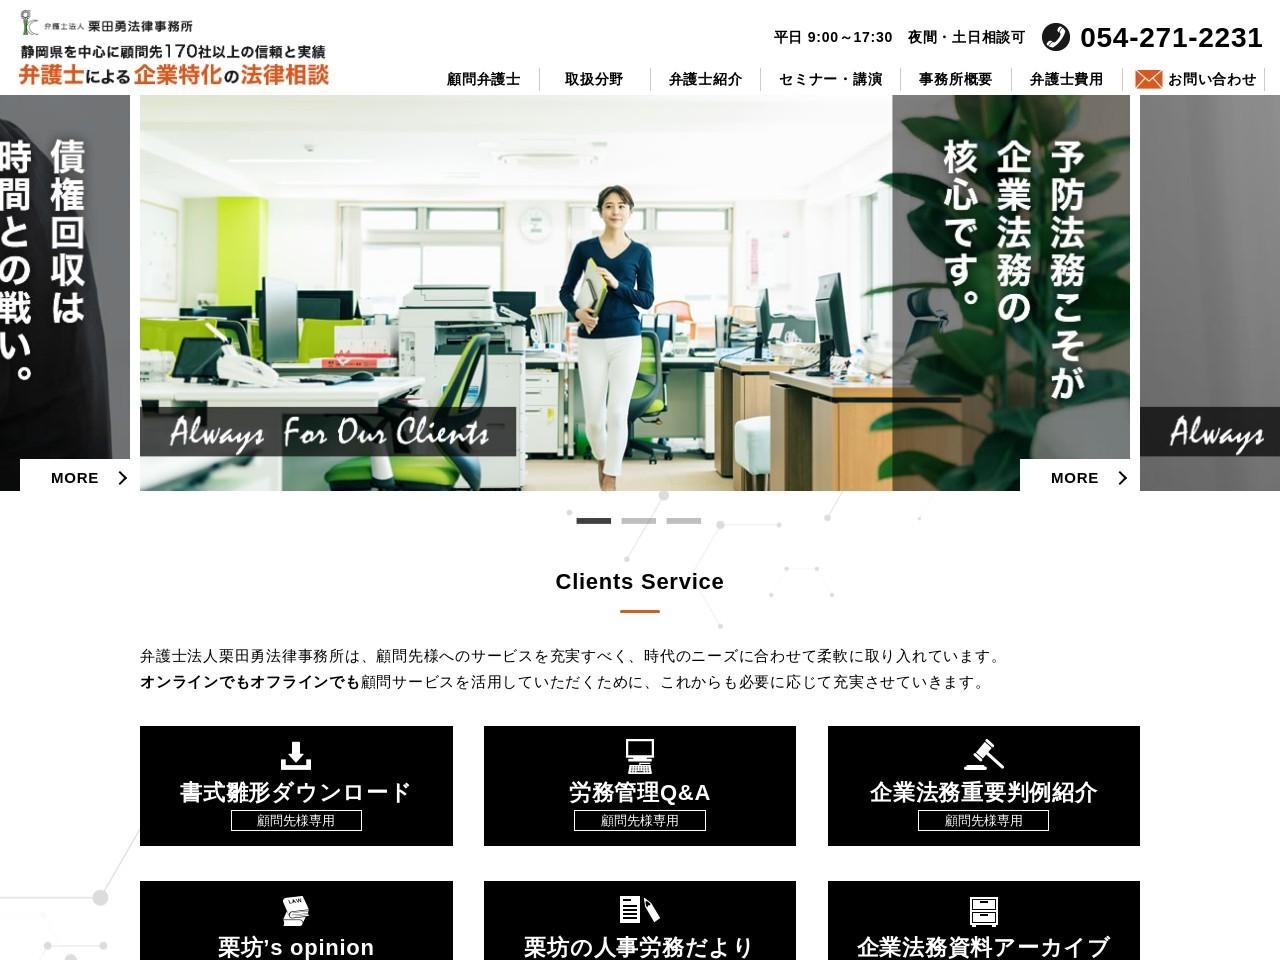 栗田勇法律事務所(弁護士法人)